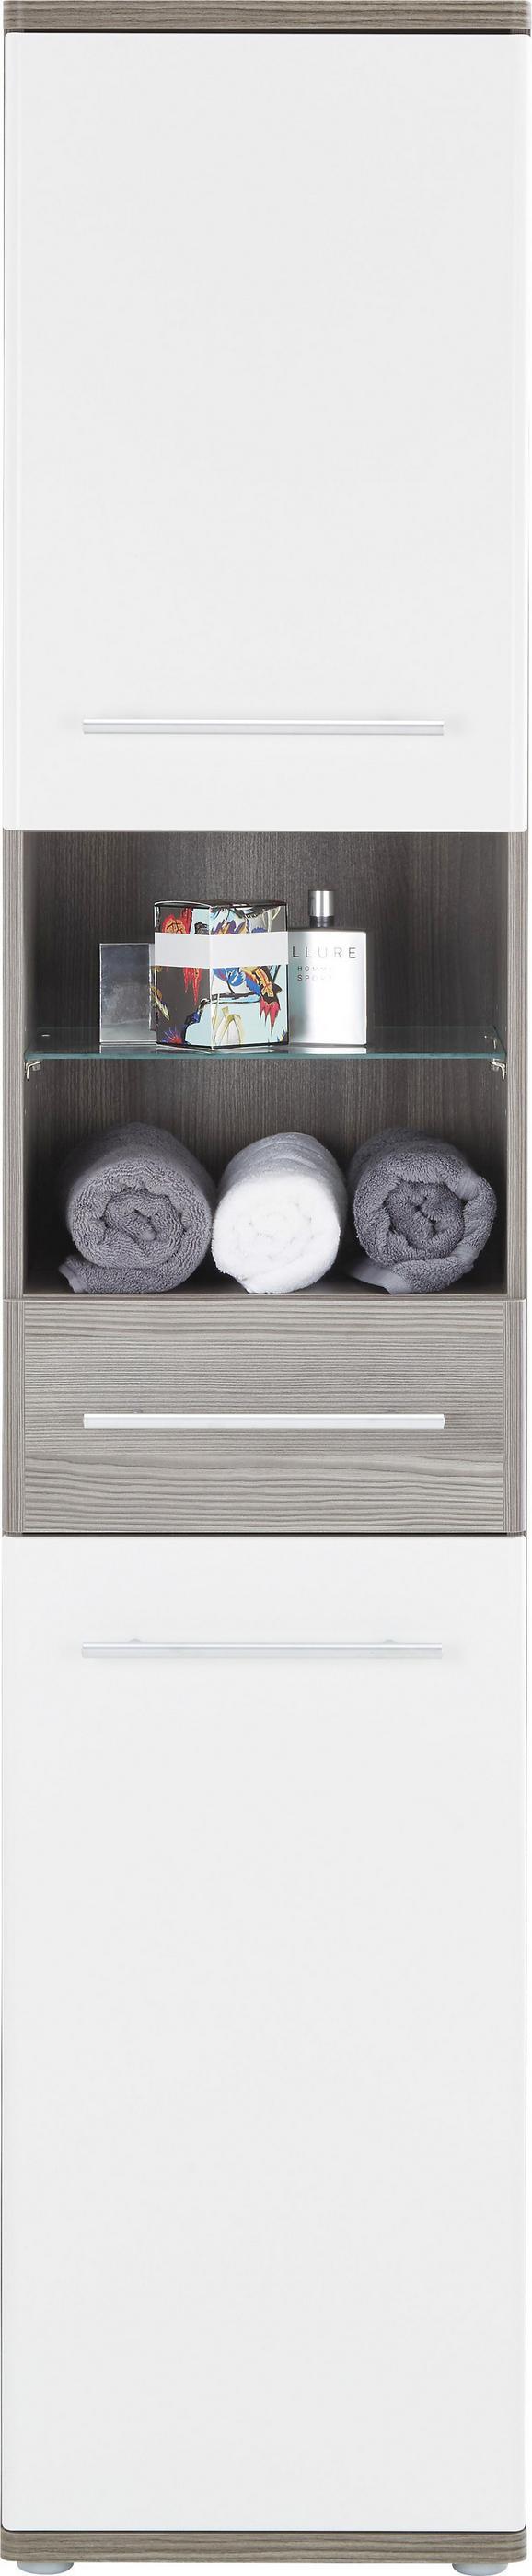 Hochschrank Weiß/Braun - Dunkelbraun/Alufarben, KONVENTIONELL, Glas/Holzwerkstoff (40 195 35cm) - Premium Living